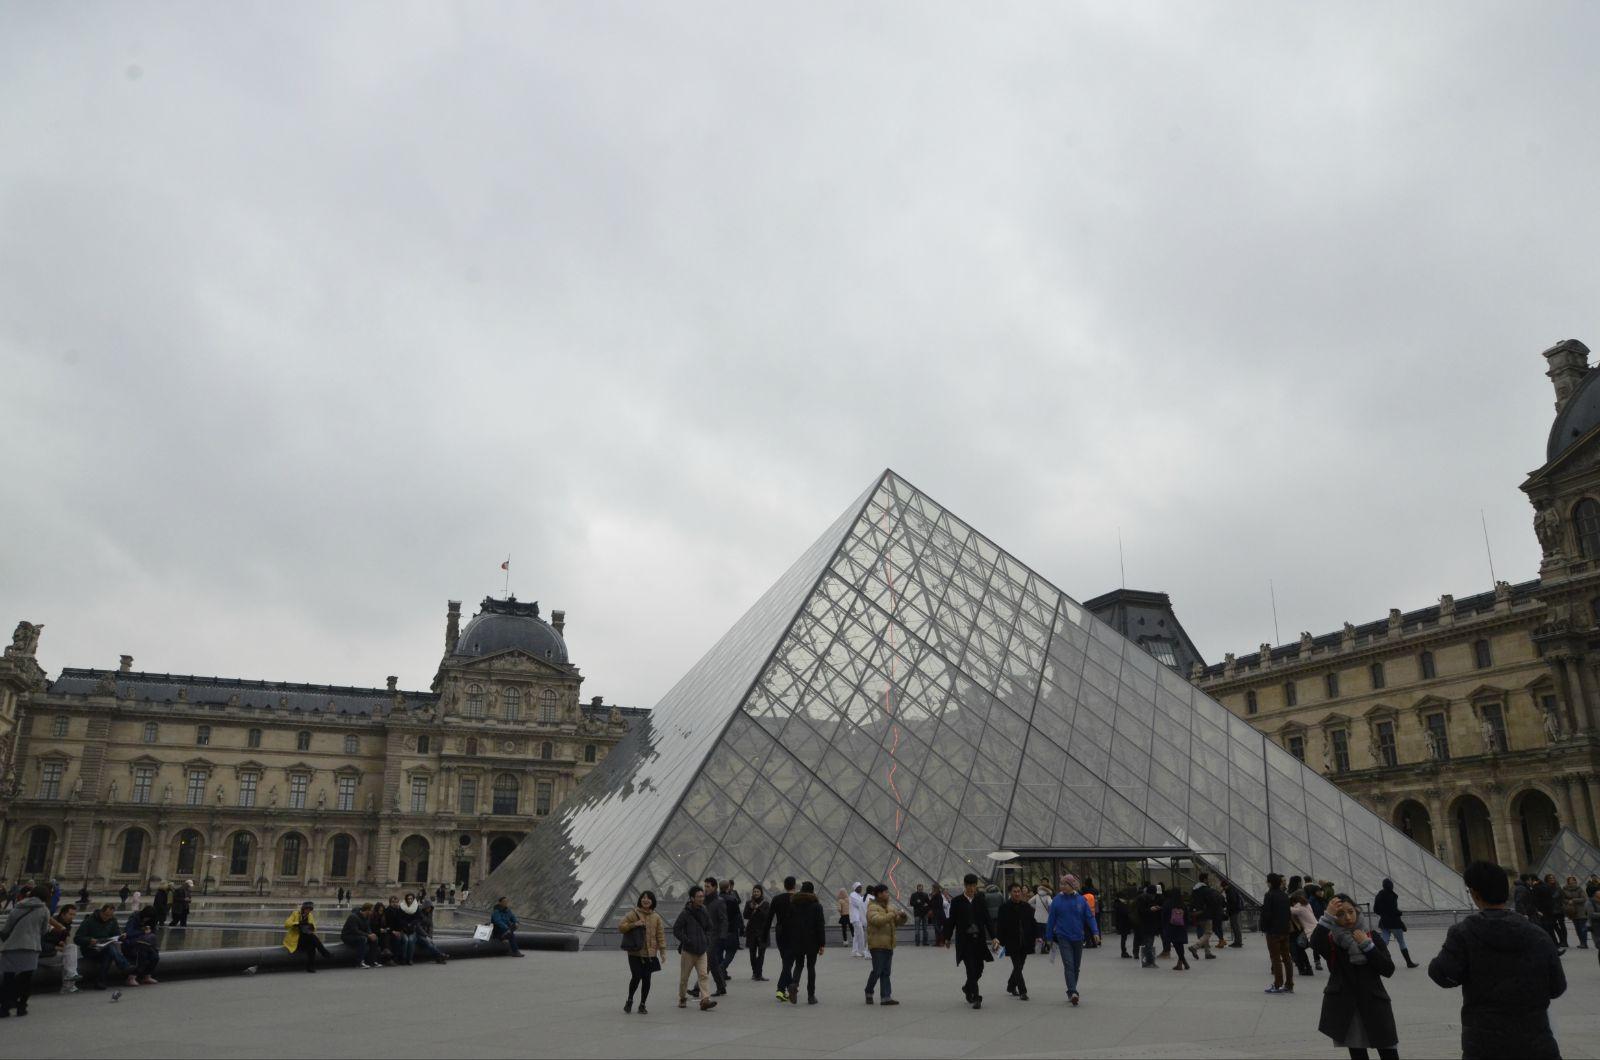 卢浮宫 贝聿铭设计建造的玻璃金字塔,他借用古埃及的金字塔造型并以